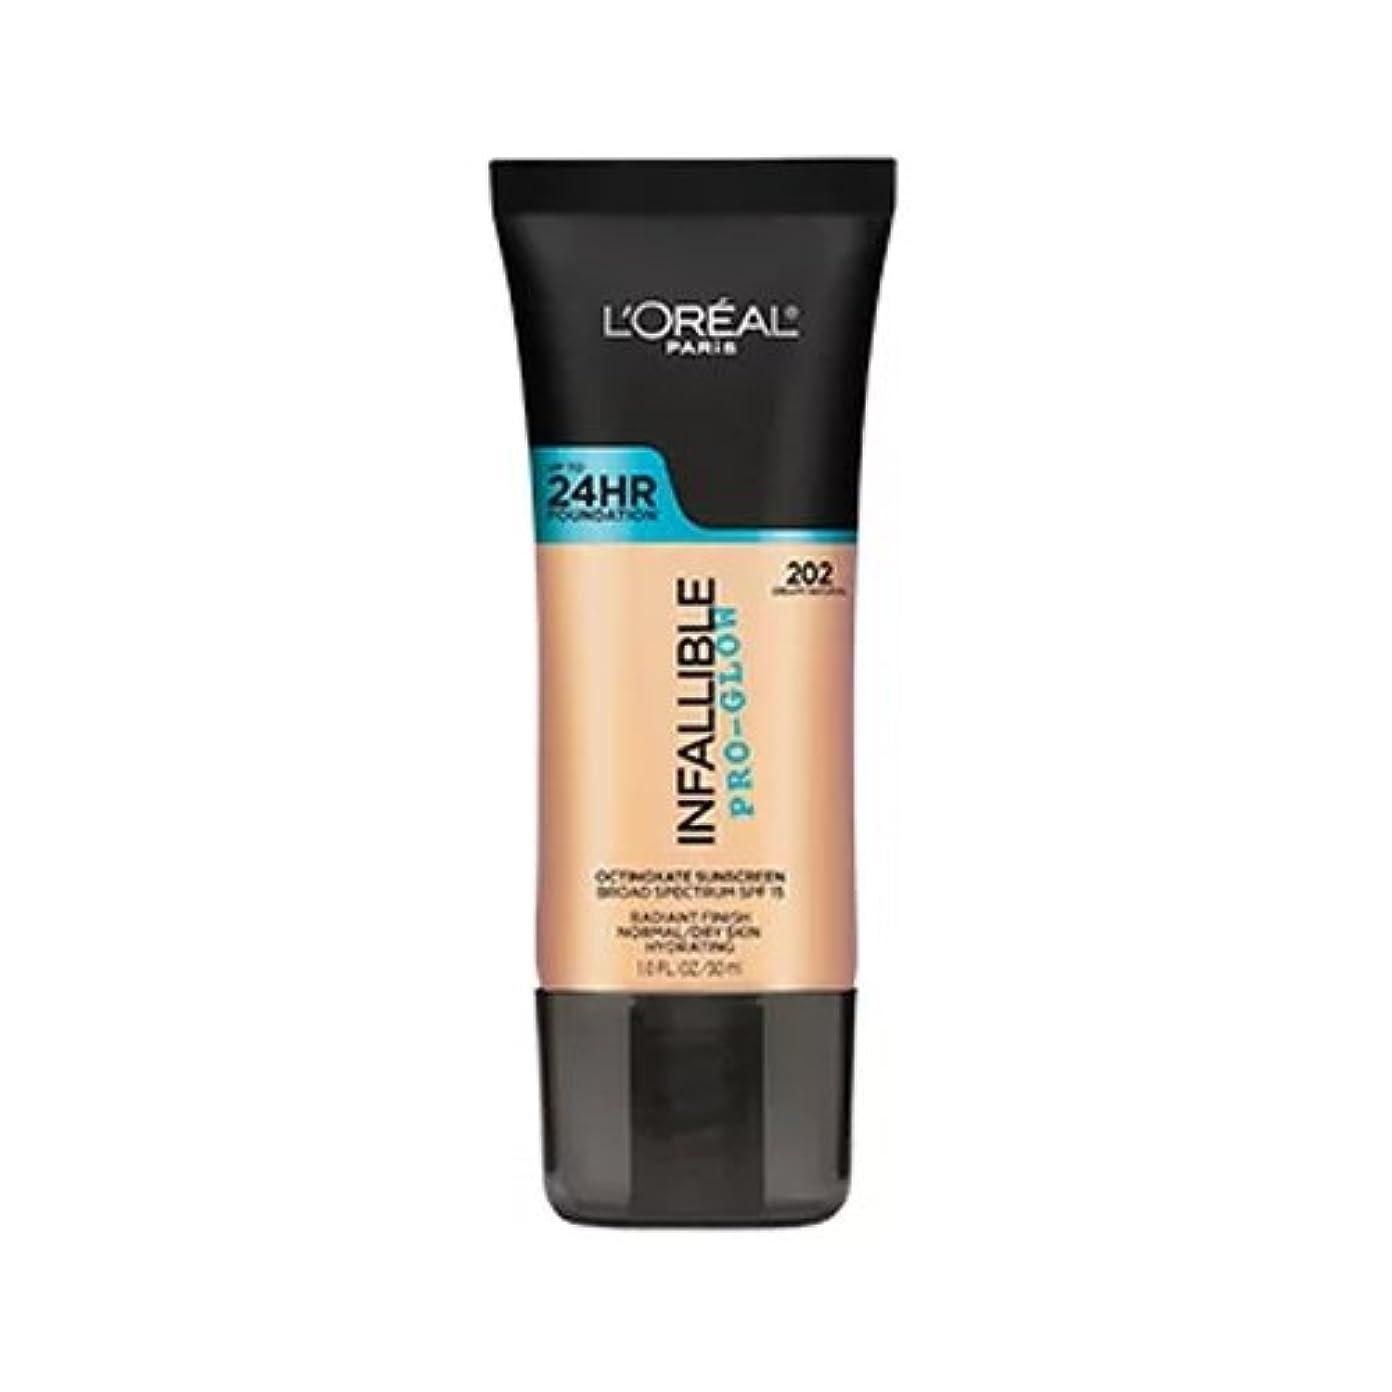 検閲フェローシップ雑多な(3 Pack) L'OREAL Infallible Pro-Glow Foundation - Creamy Natural (並行輸入品)